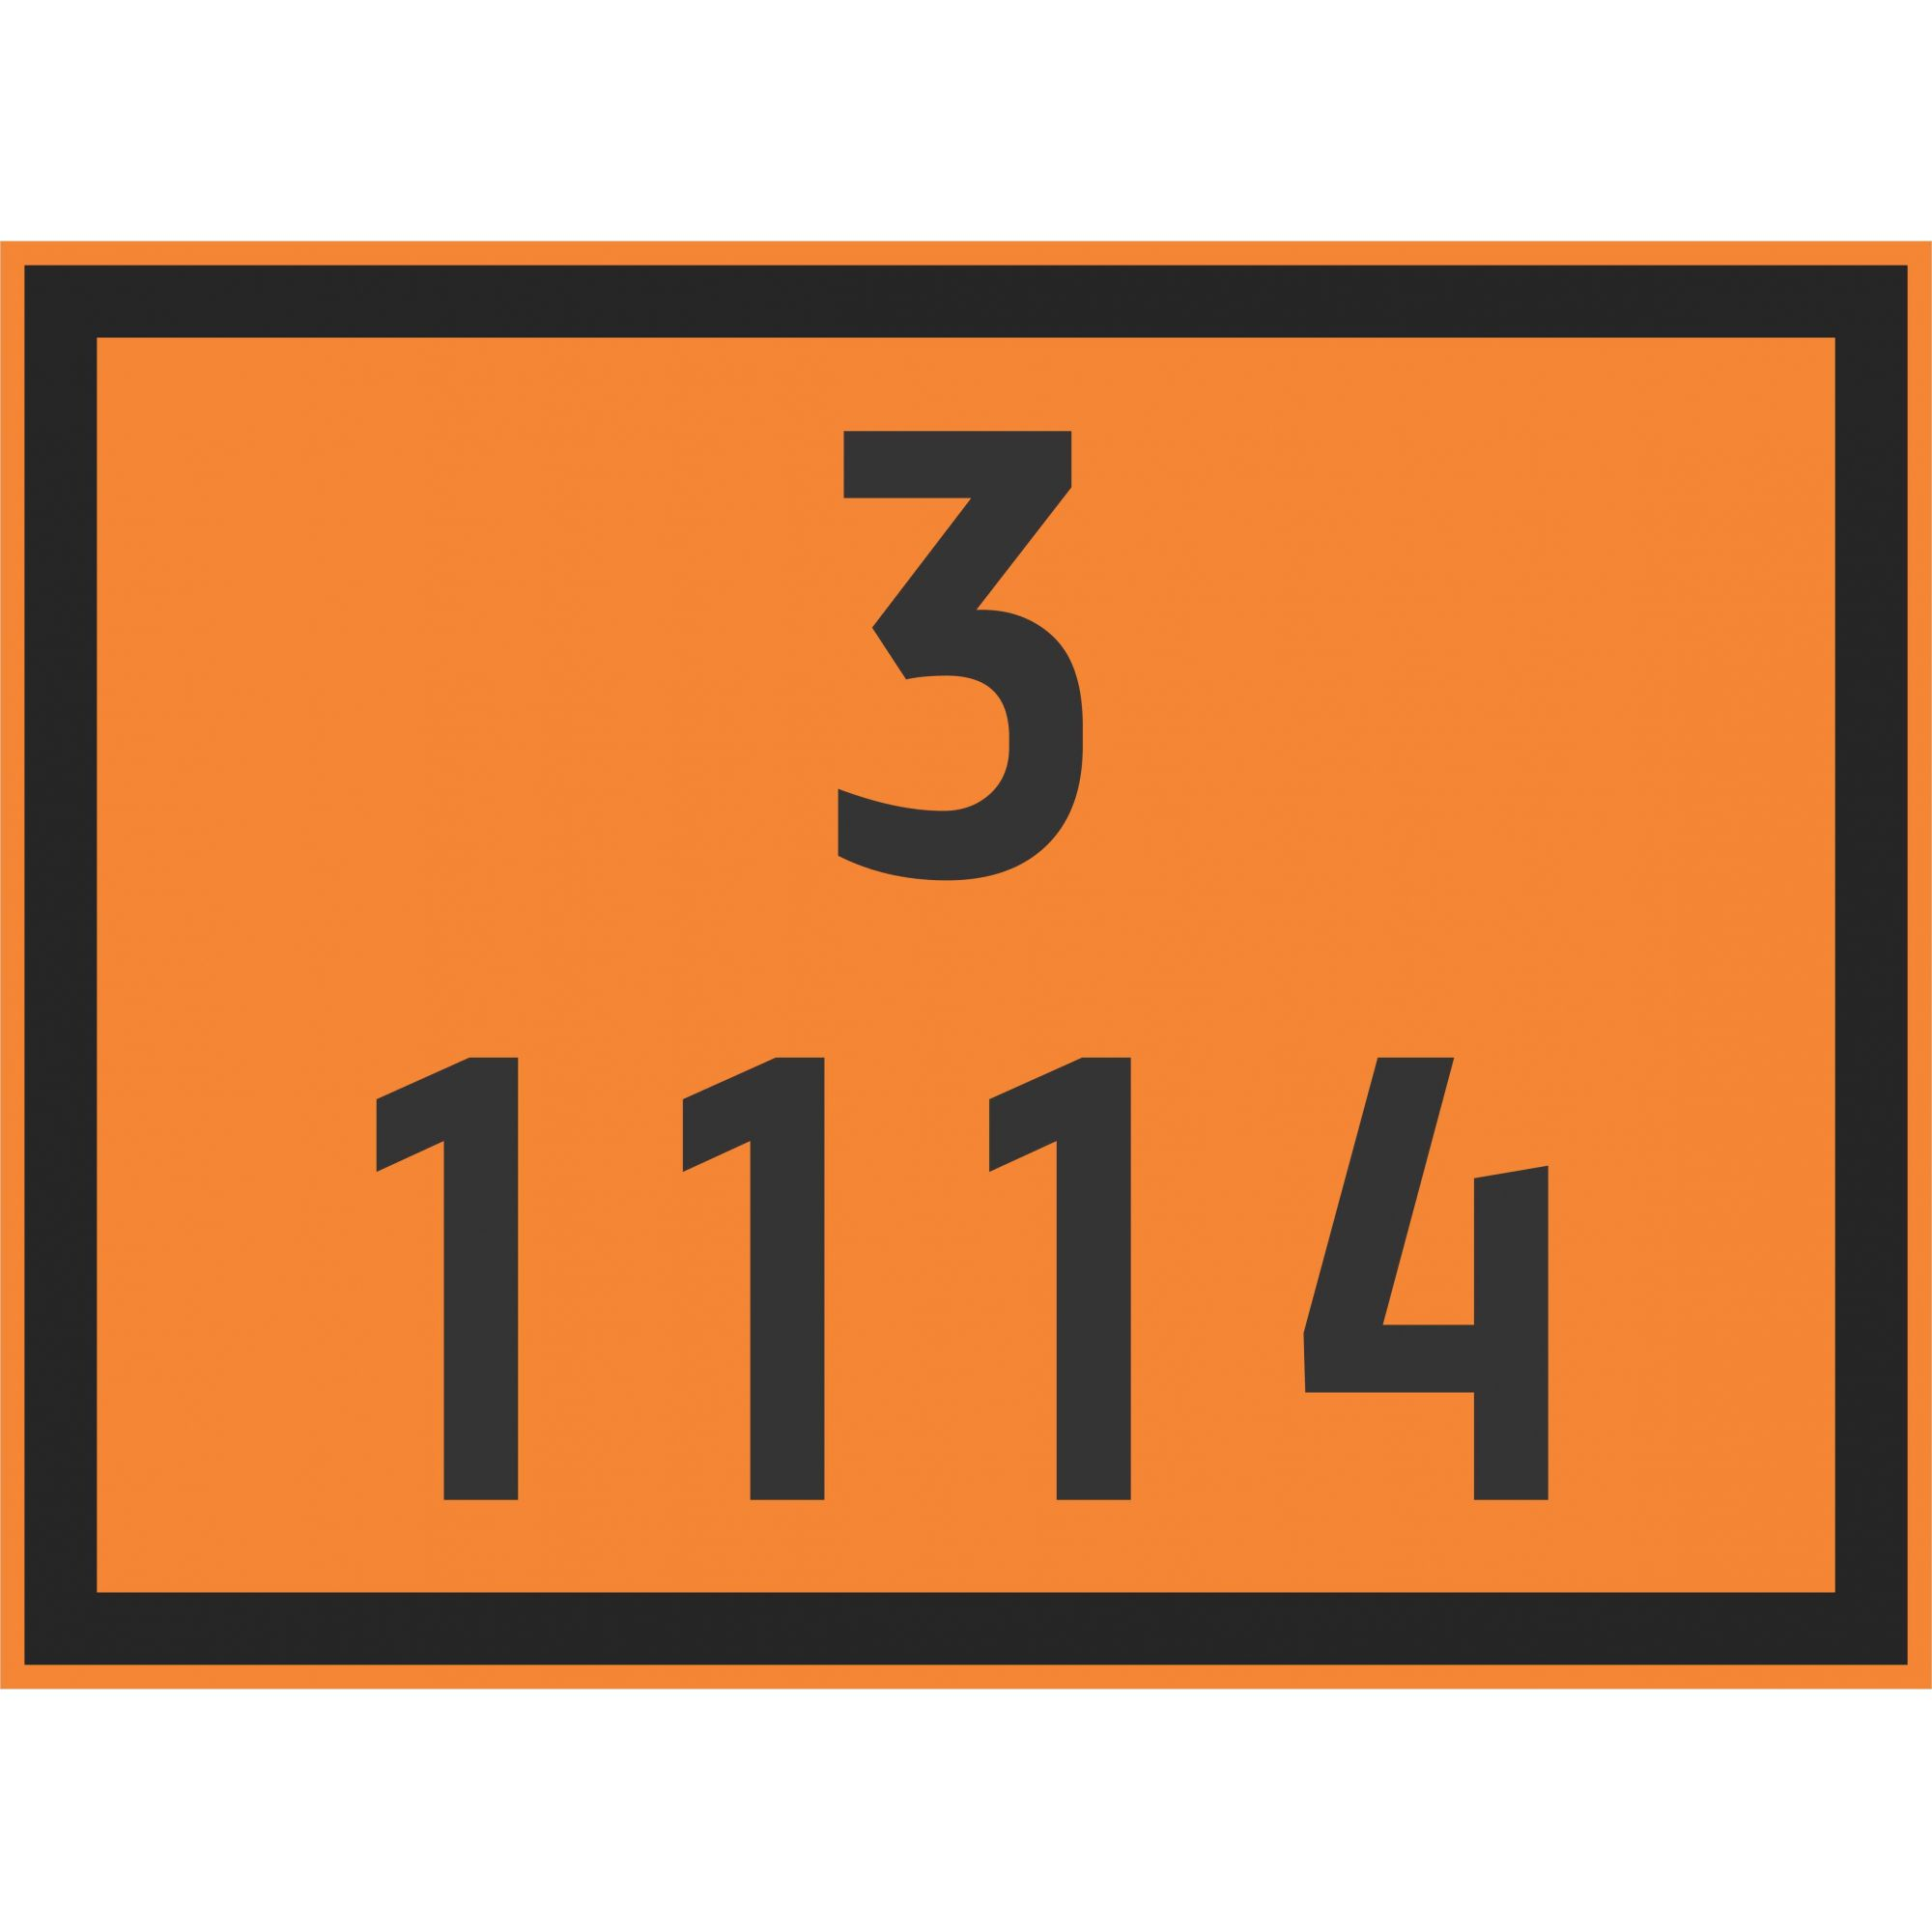 BENZENO 1114  - Towbar Sinalização de Segurança